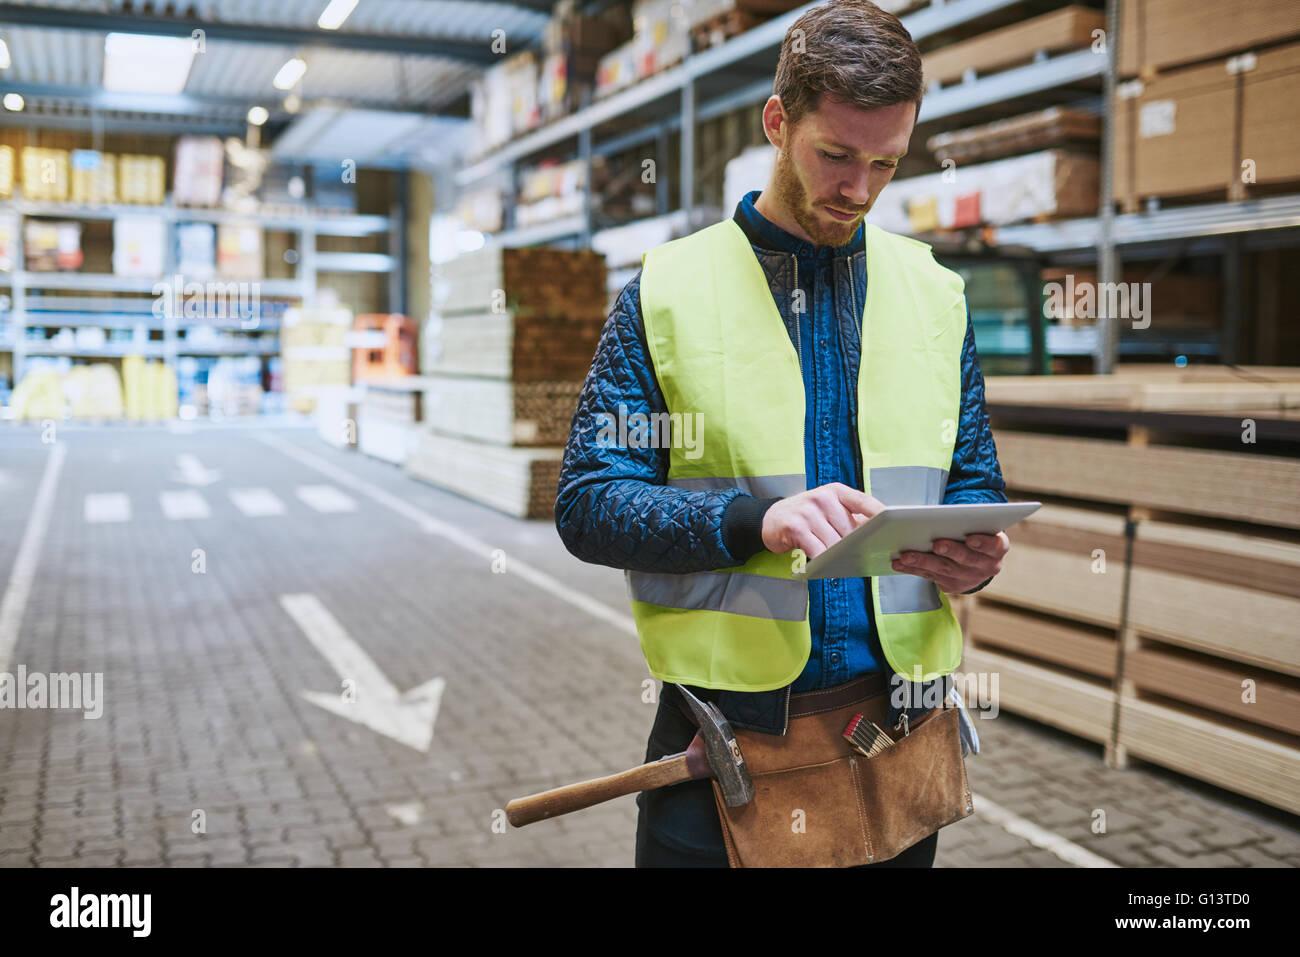 Jeune employé de l'entrepôt de fournitures de construction debout dans un lecteur à travers la consultation d'un ordinateur tablette de poche Banque D'Images